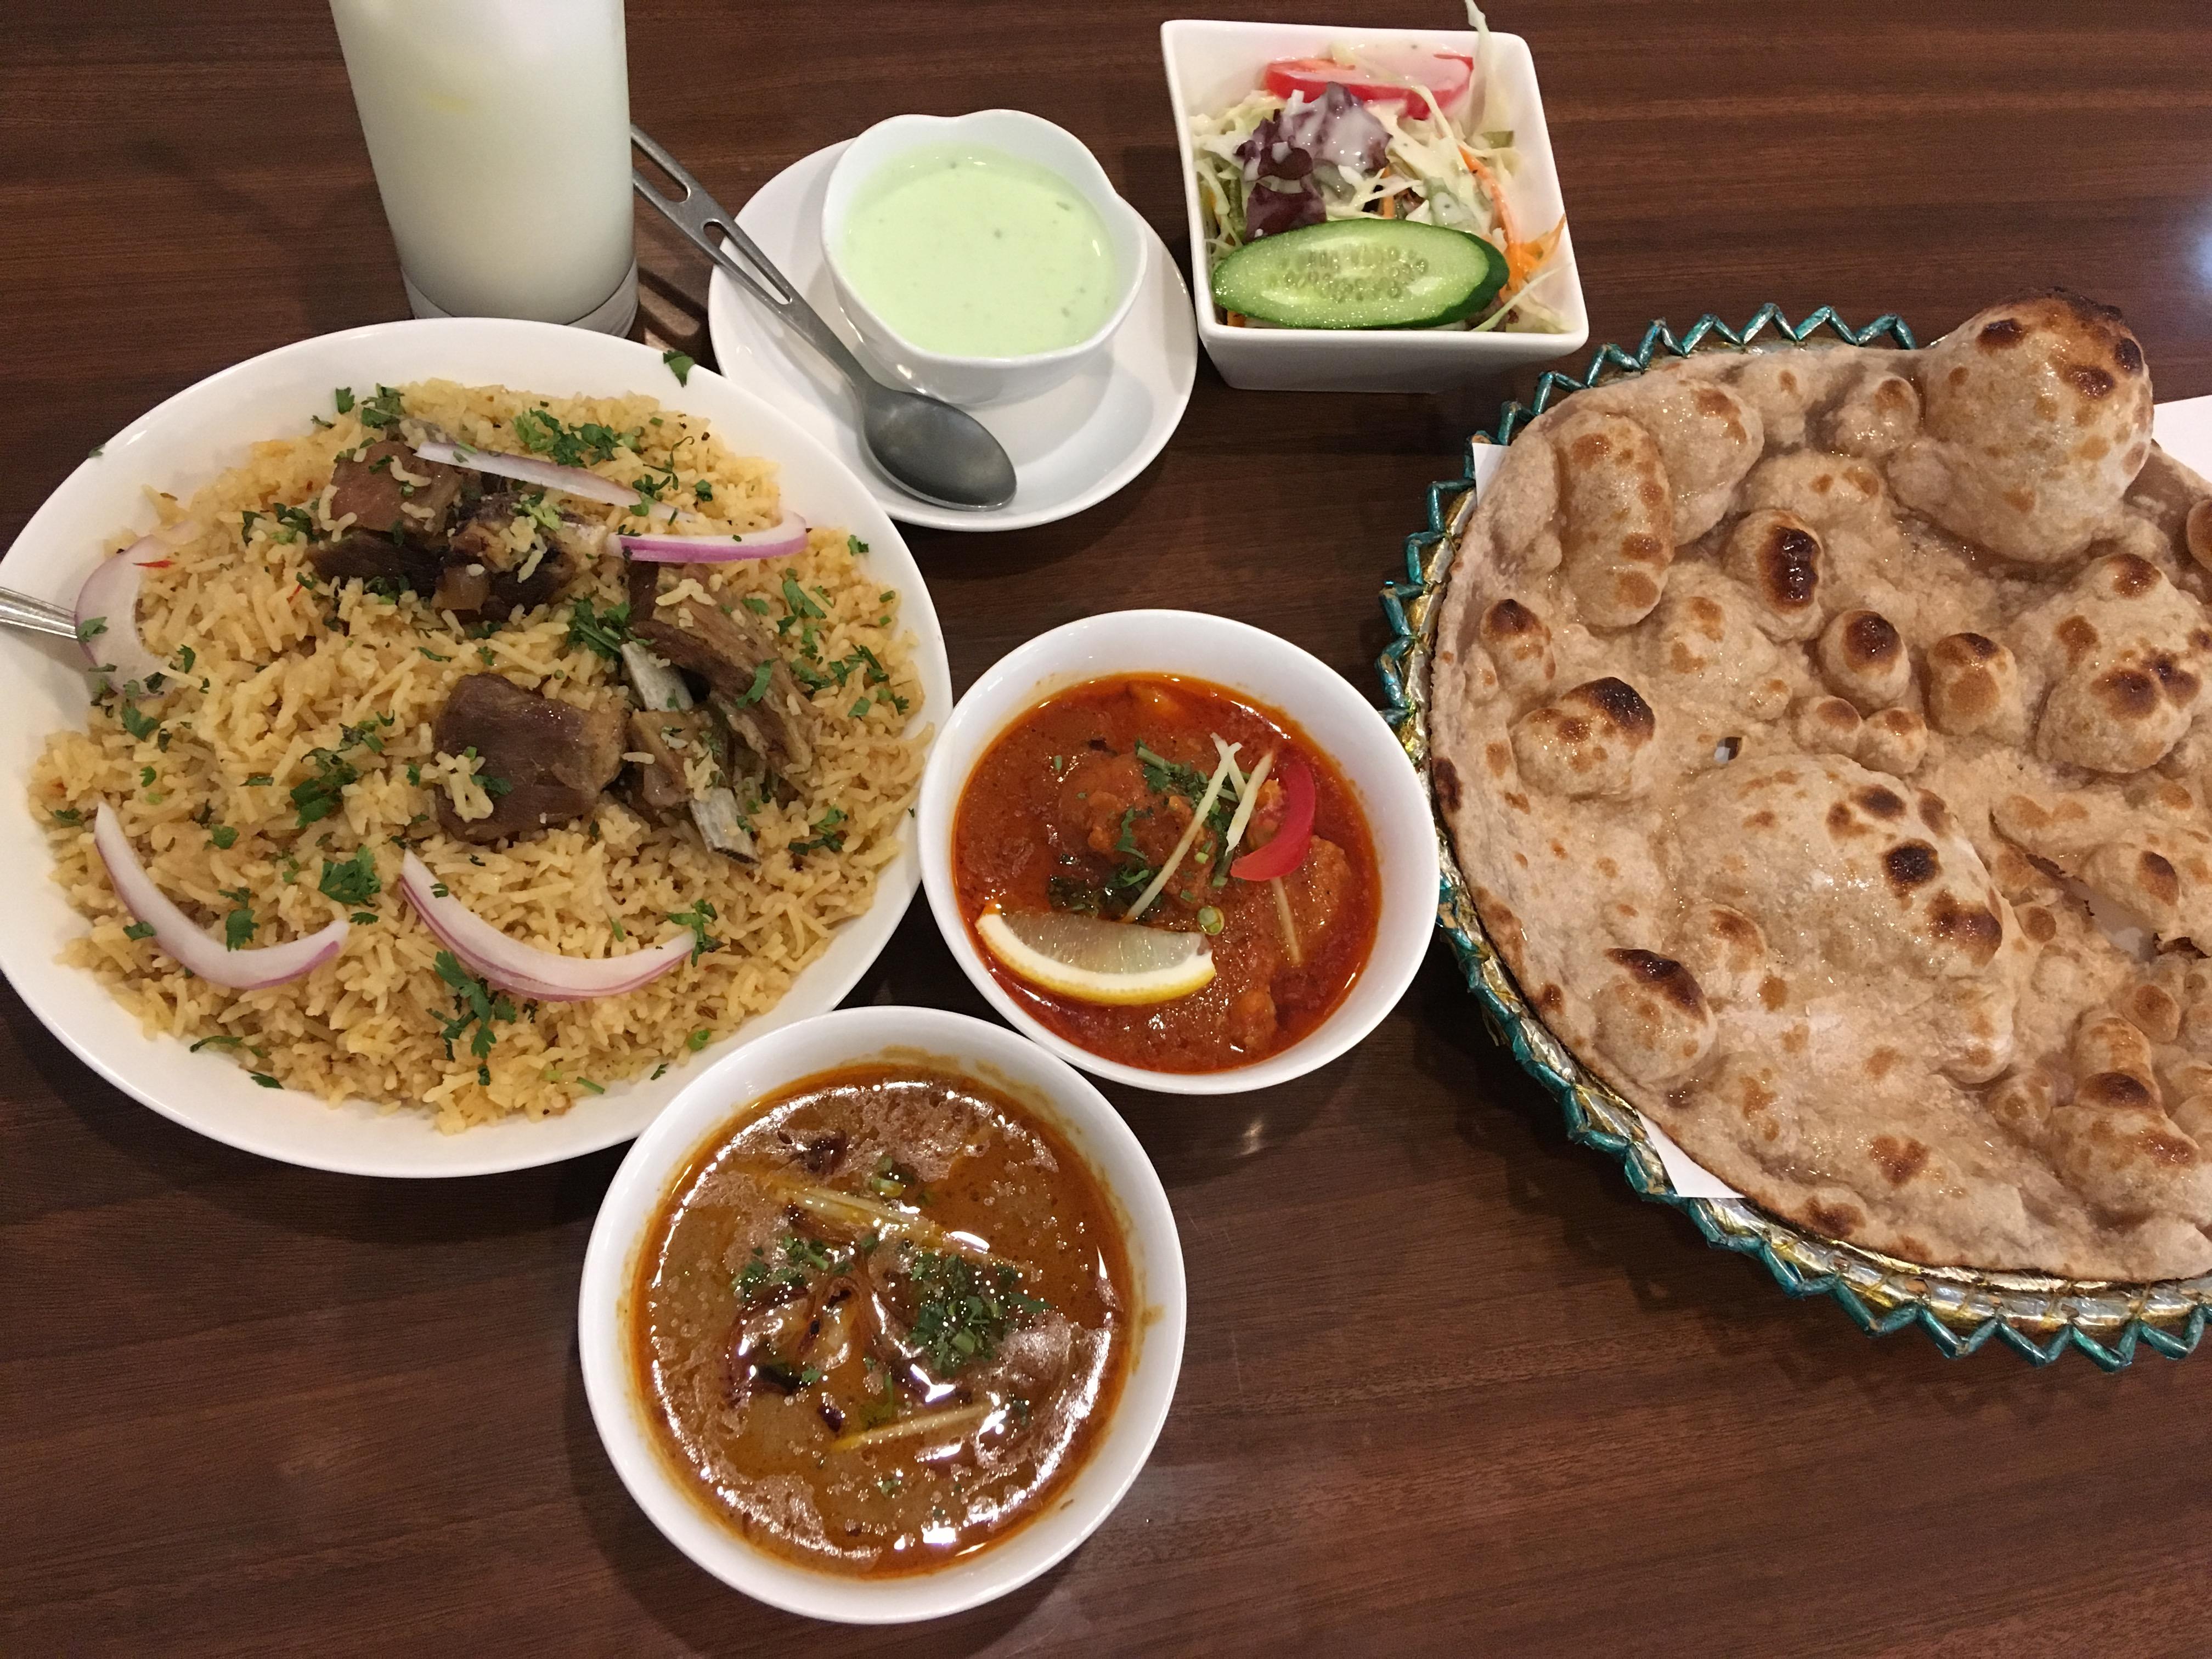 急速進化【ニシヨドスタン】のハラールレストランで本格パキスタン料理!